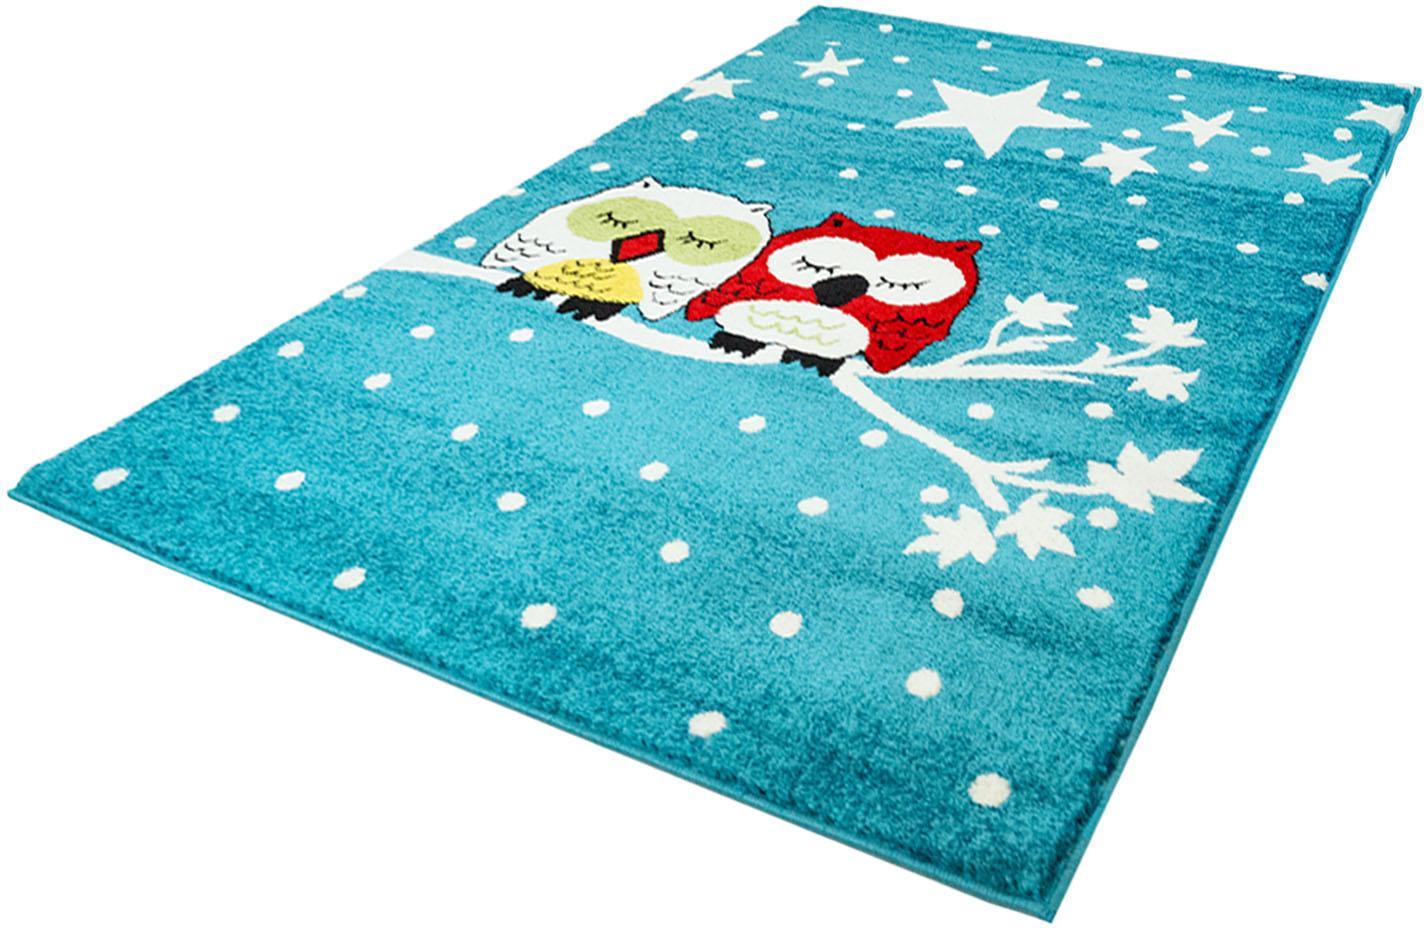 Kinderteppich Moda Kids 1513 Carpet City rechteckig Höhe 11 mm maschinell gewebt